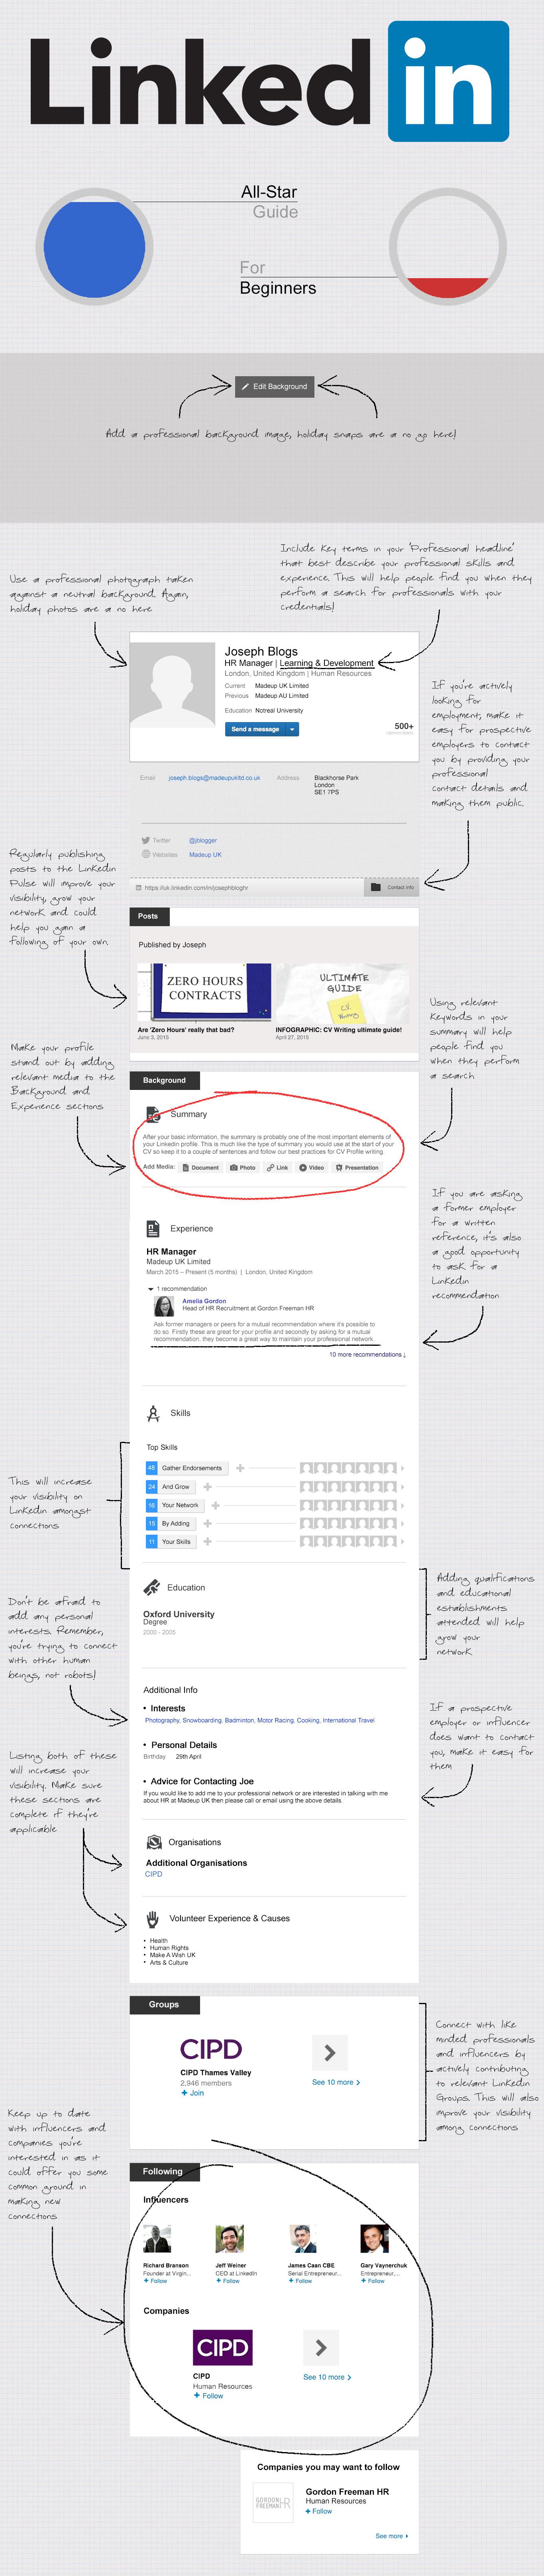 Guida su come raggiungere il profilo LinkedIn All-Star